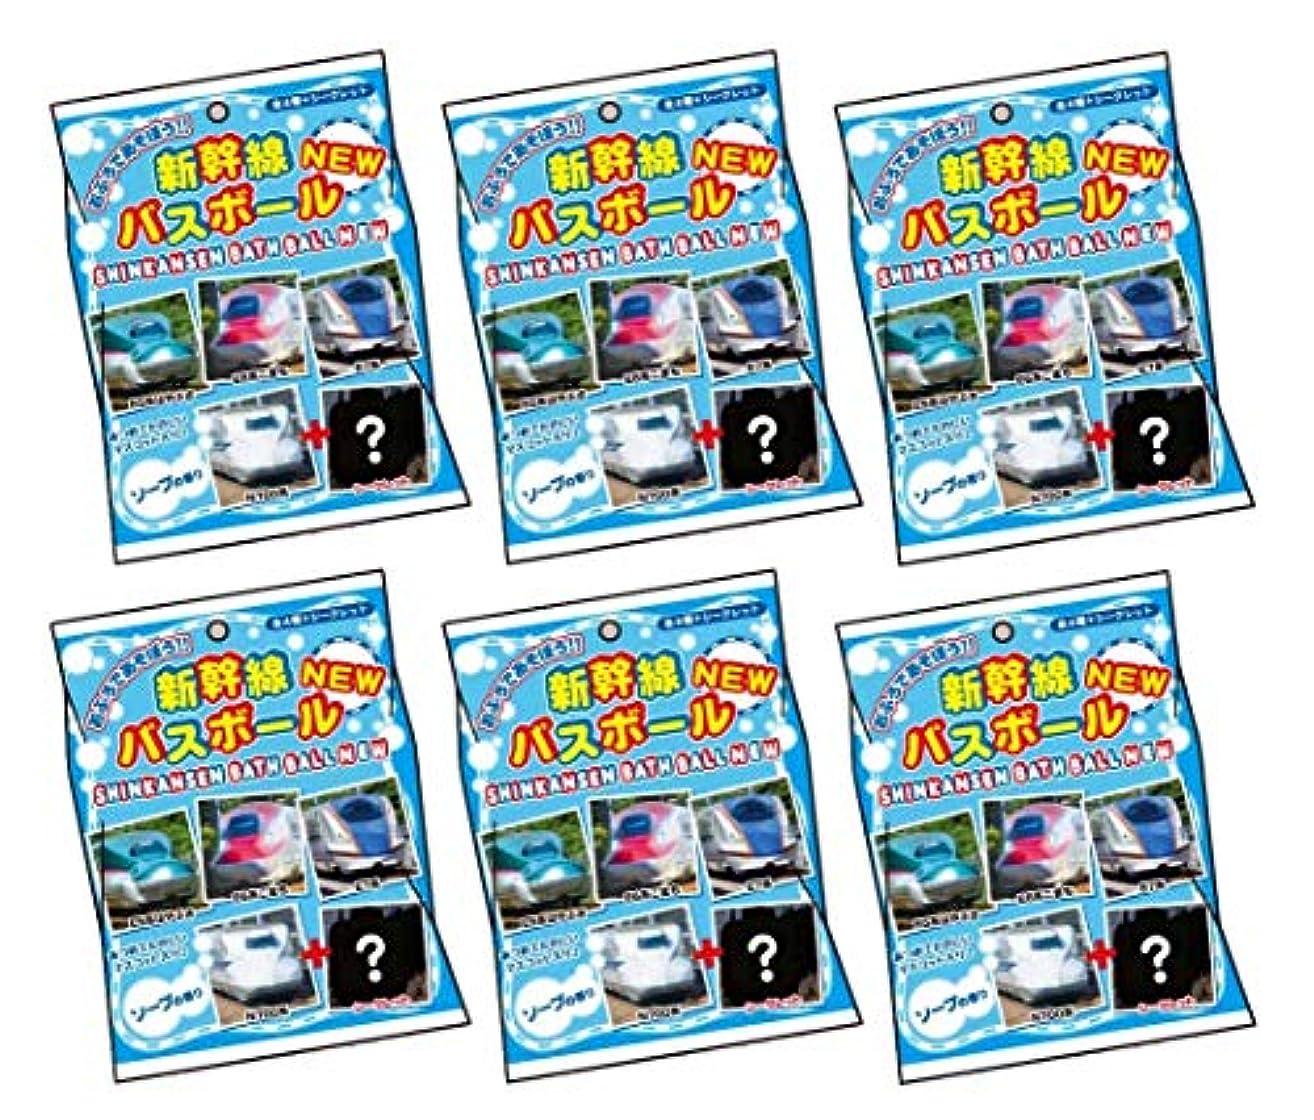 概要魚ミニJR新幹線 入浴剤 マスコットが飛び出るバスボール NEW 【6個セット】